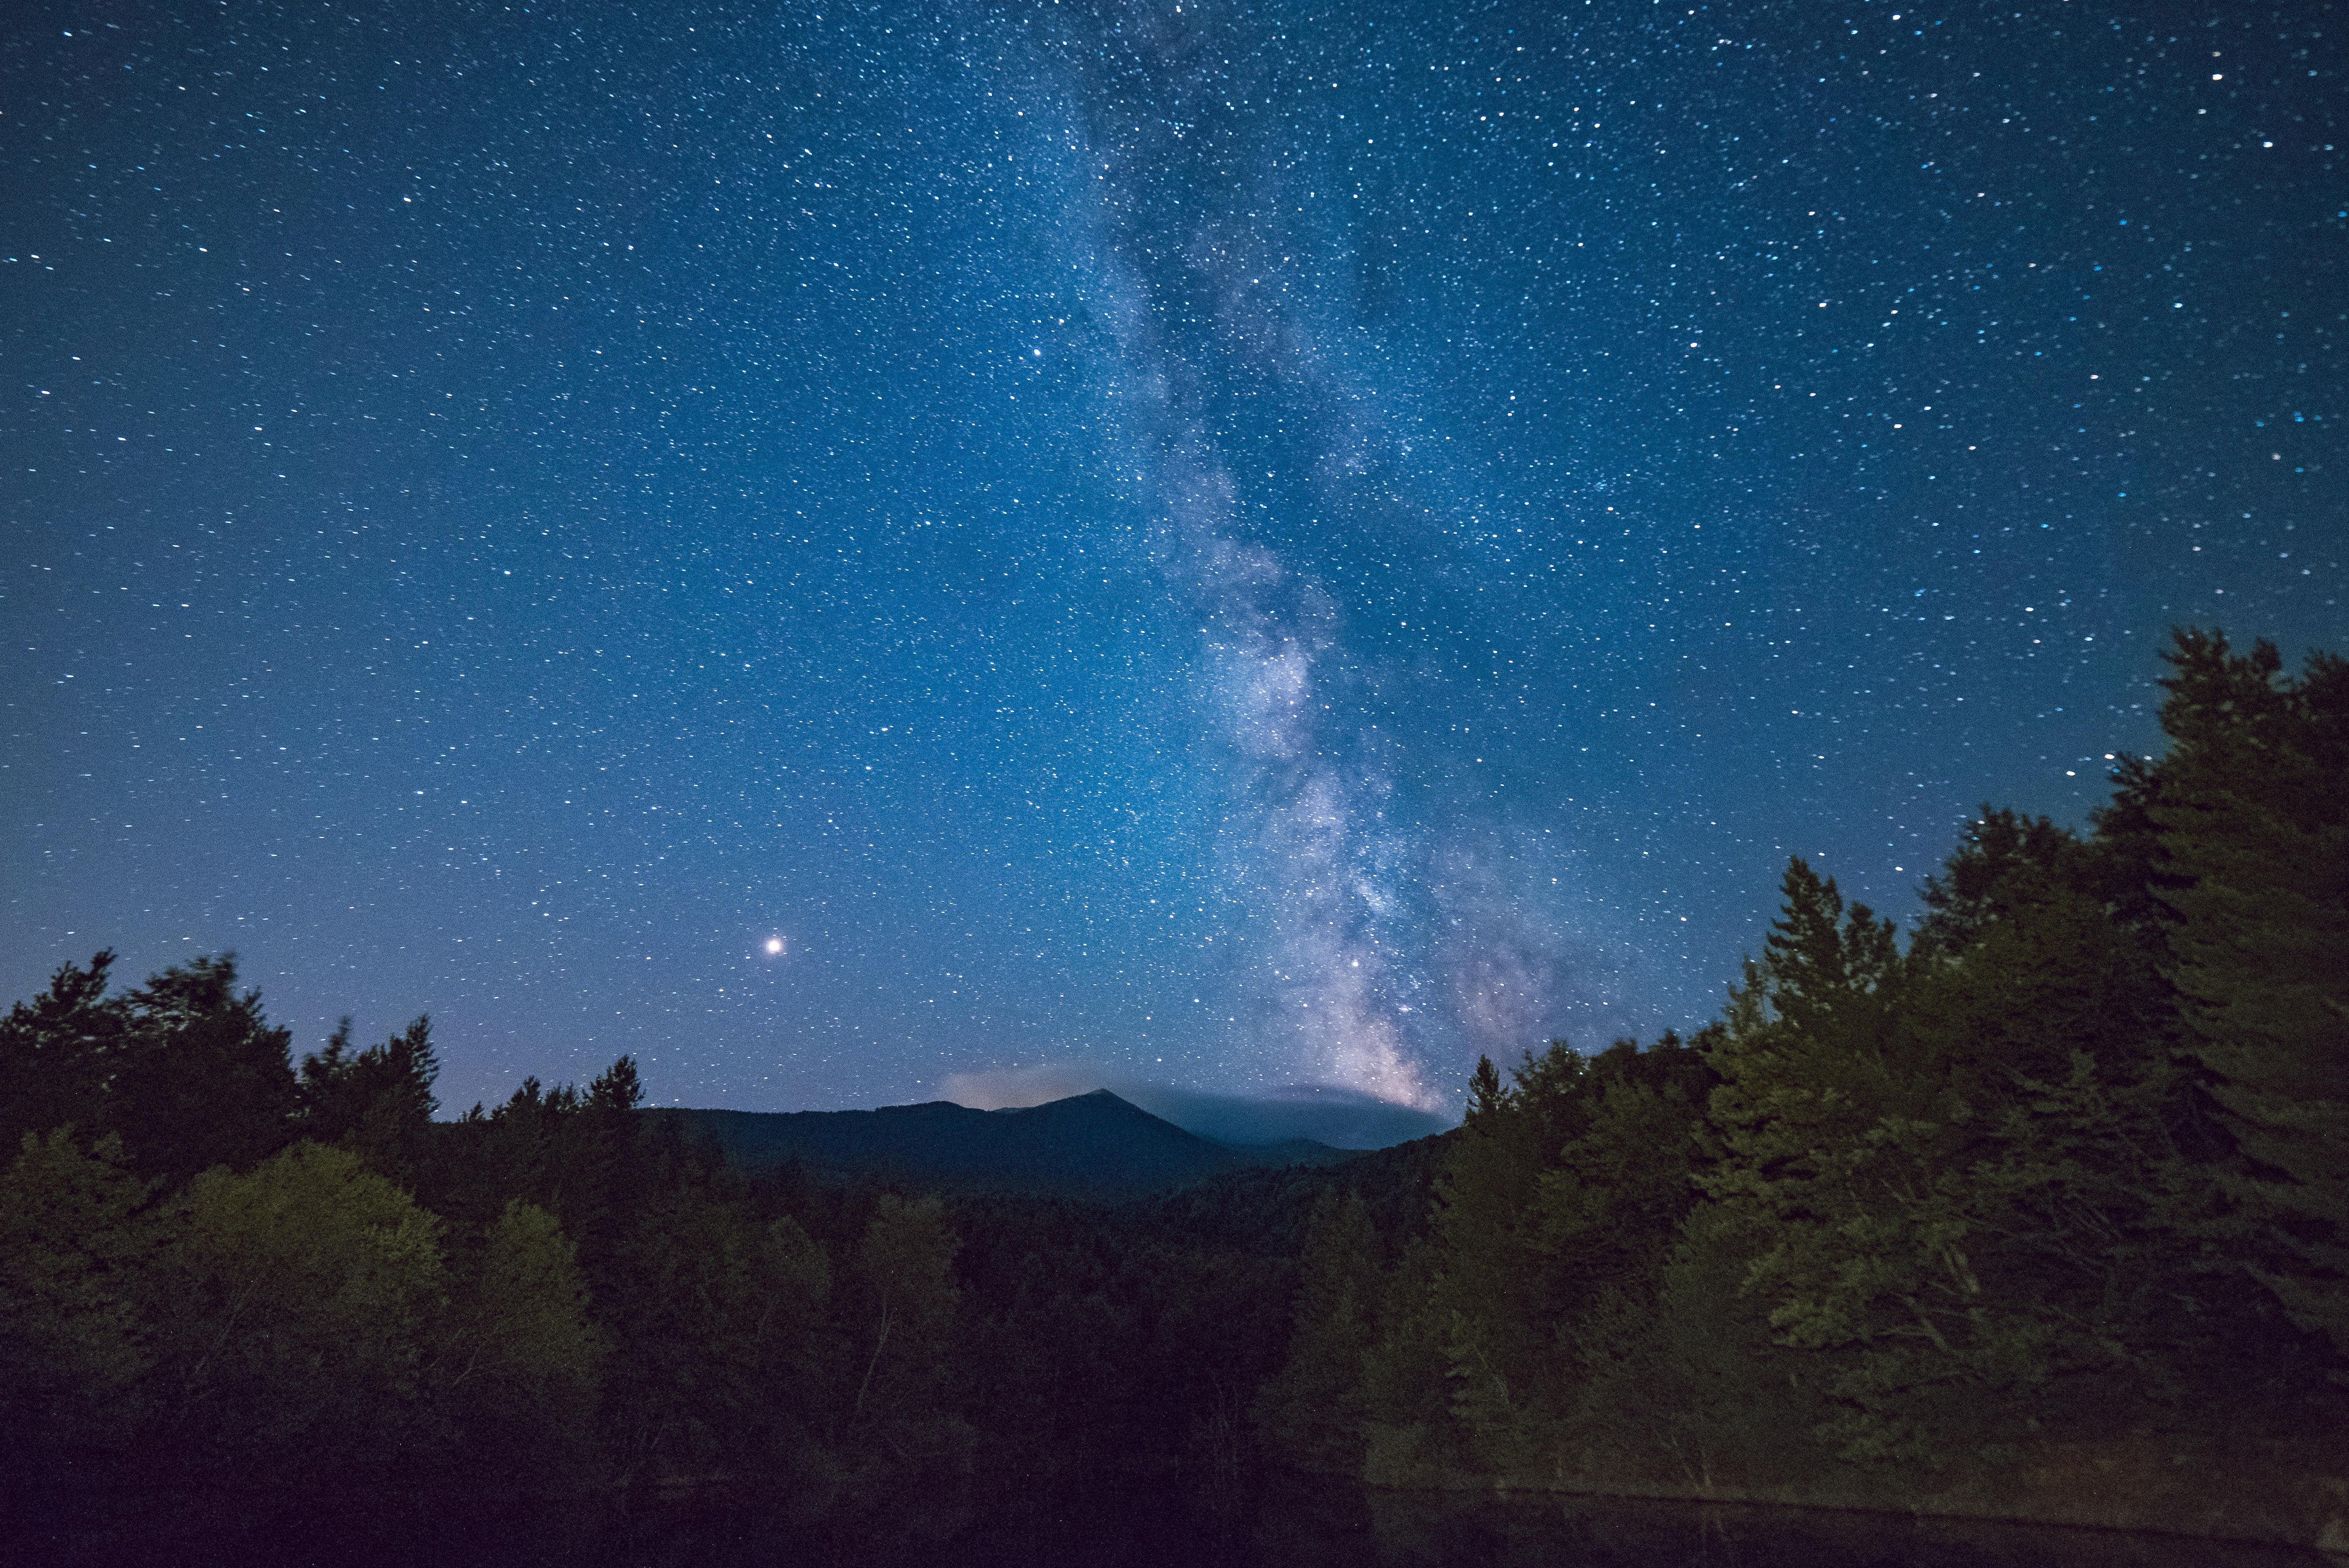 Gambar Langit Bintang Fenomena Atmosfer Objek Astronomi Suasana Pohon Gurun Gunung Ruang Pemandangan Awan Taman Nasional Tengah Malam Alam Semesta Kegelapan Bukit Hutan 5647x3770 1559933 Galeri Foto Pxhere